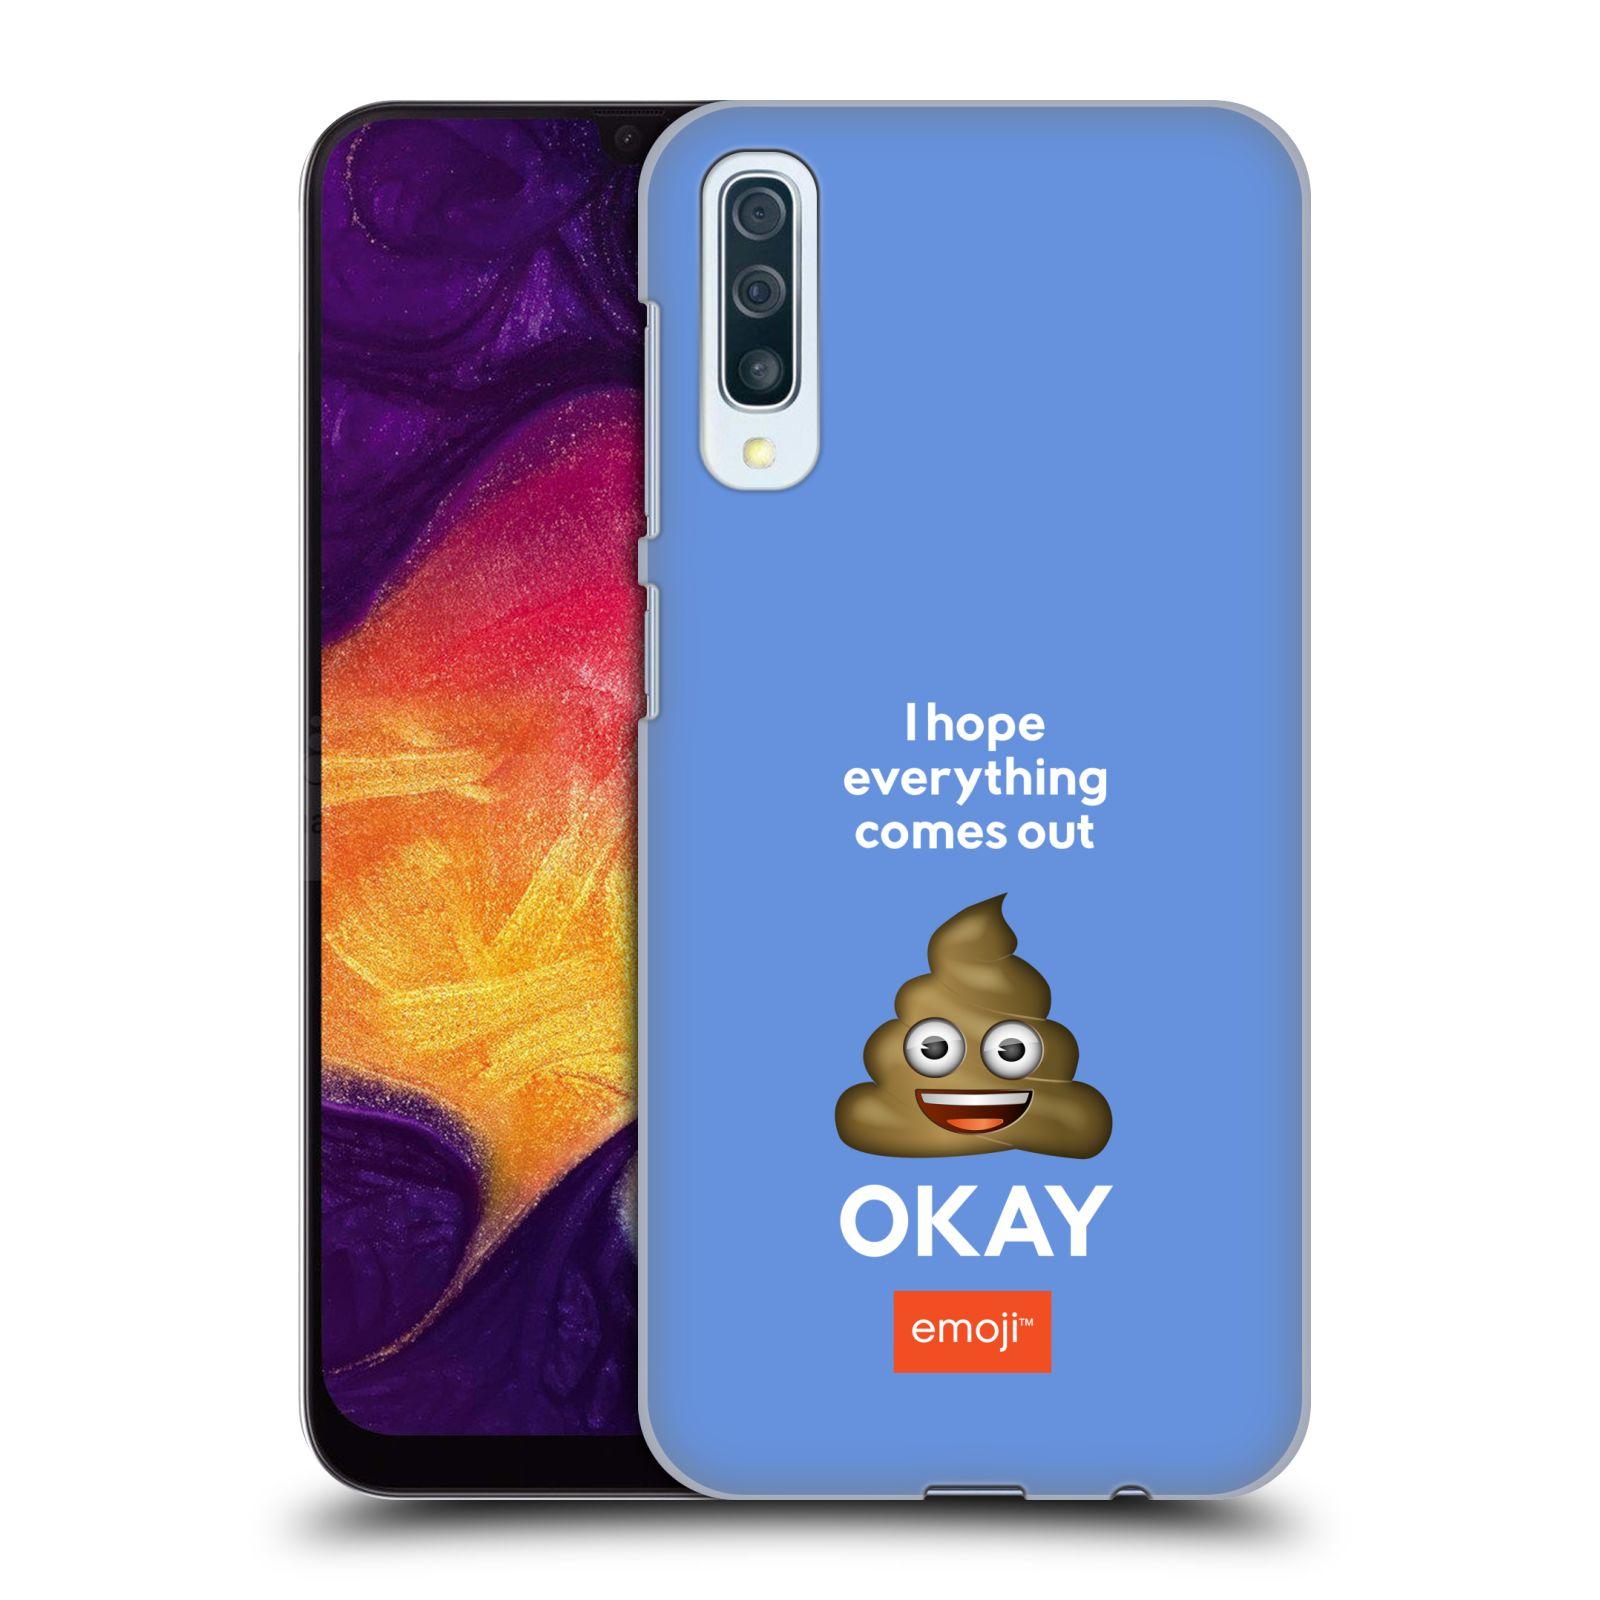 Plastové pouzdro na mobil Samsung Galaxy A50 / A30s - Head Case - EMOJI - Hovínko OKAY